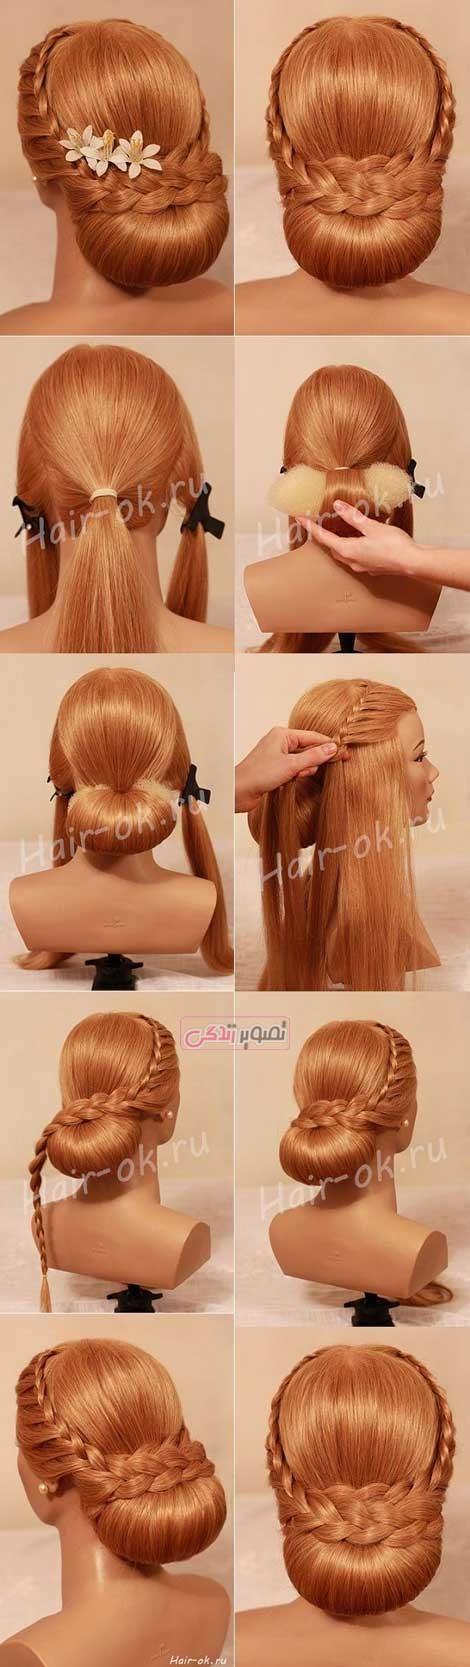 آموزش تصویری شینیون موی عروس - آرایش موی عروس